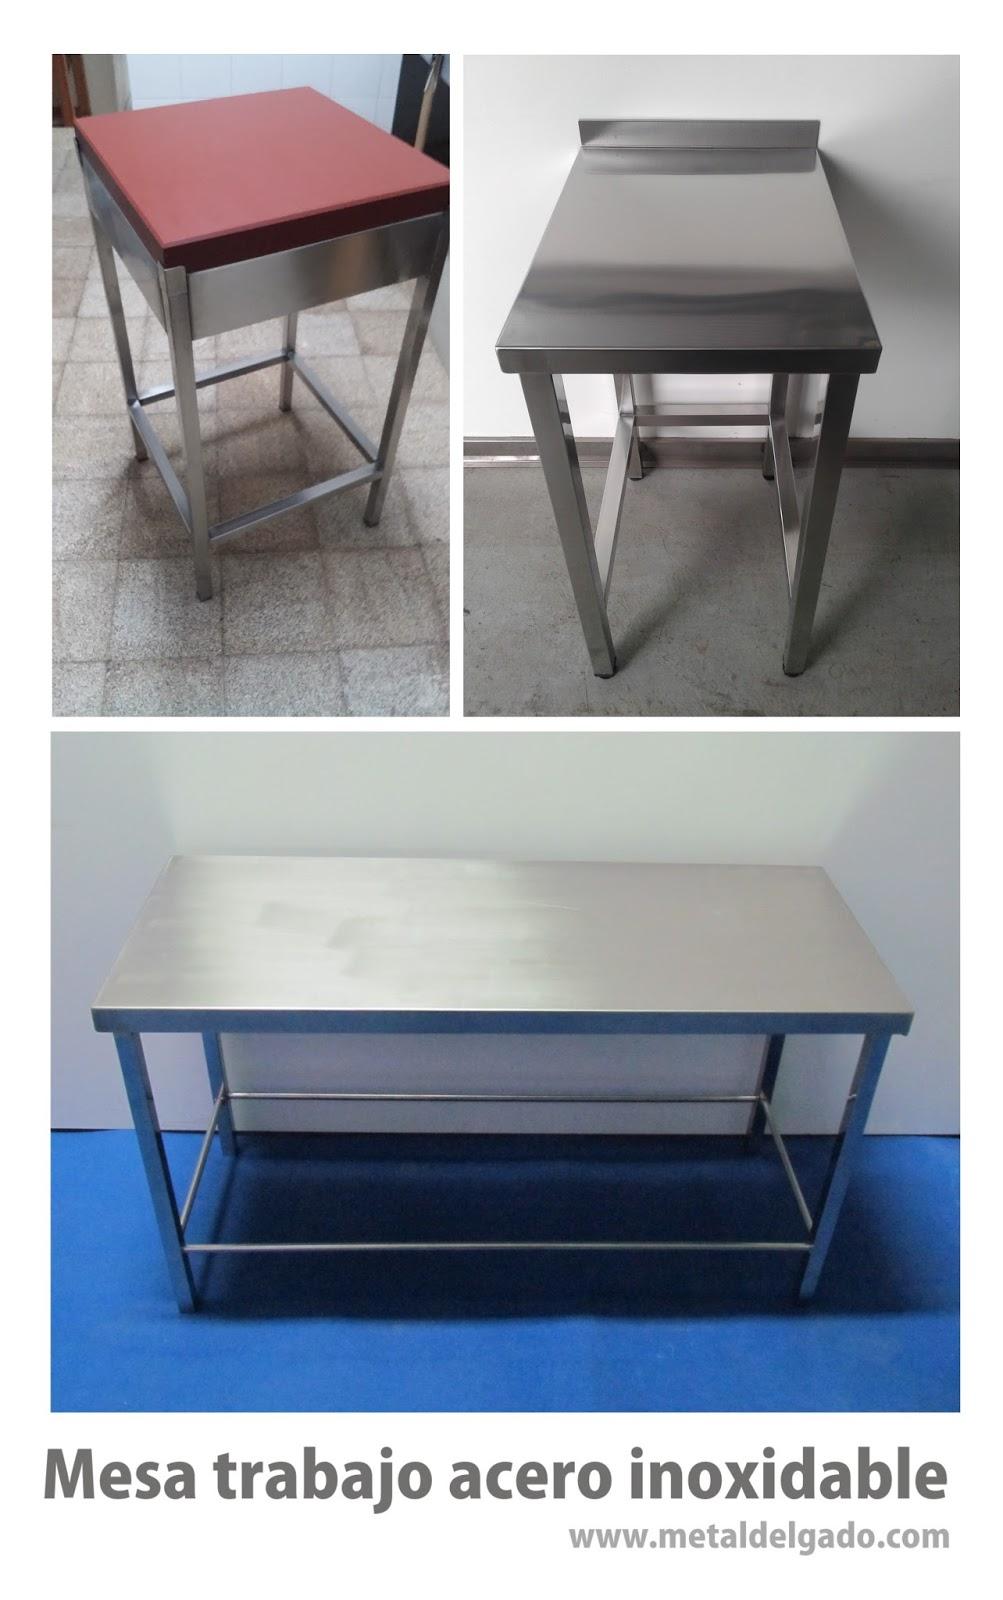 Acero inoxidable tenerife mesas de trabajo en acero - Figuras de acero inoxidable ...